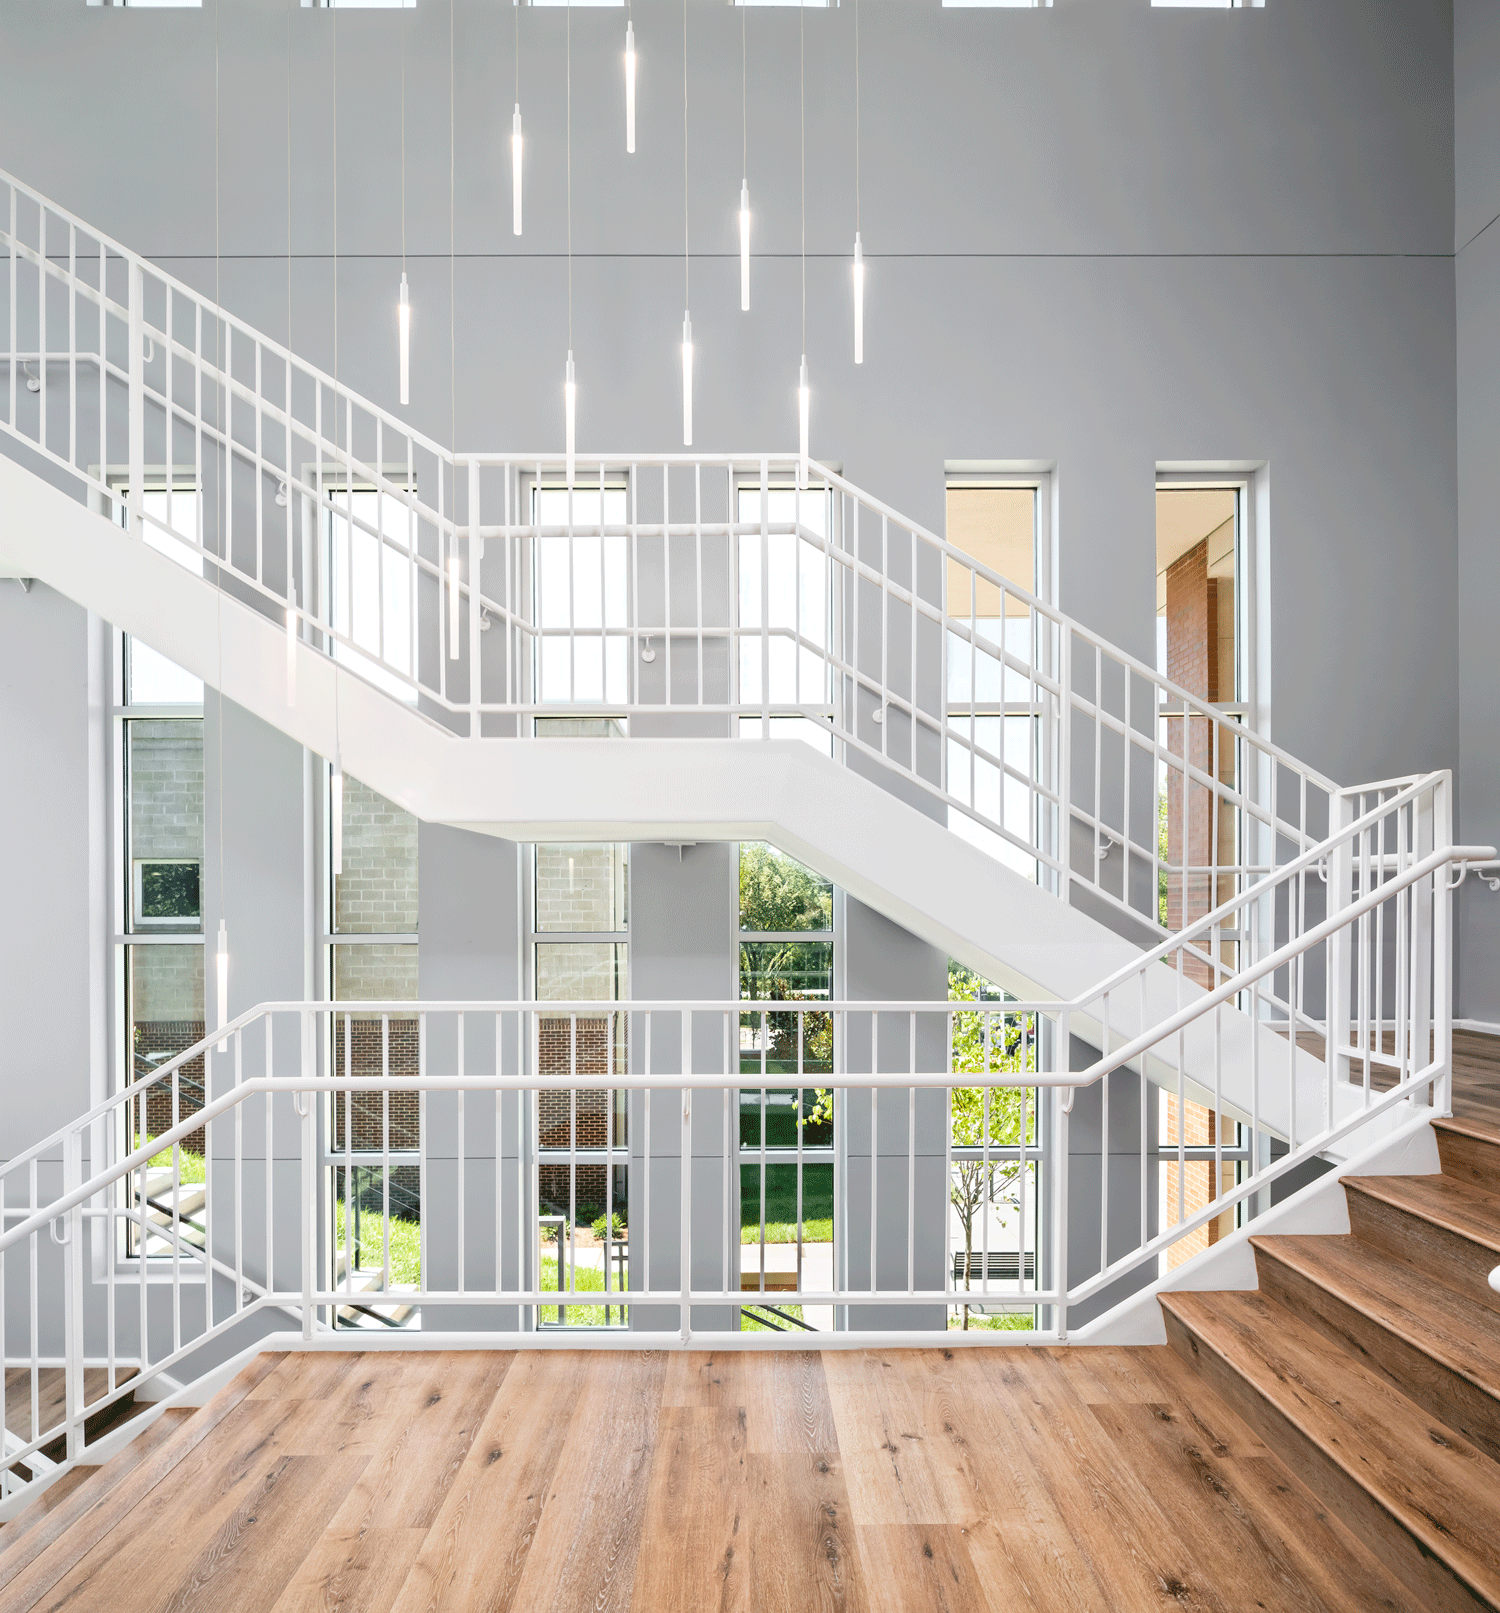 Stairwell Detail